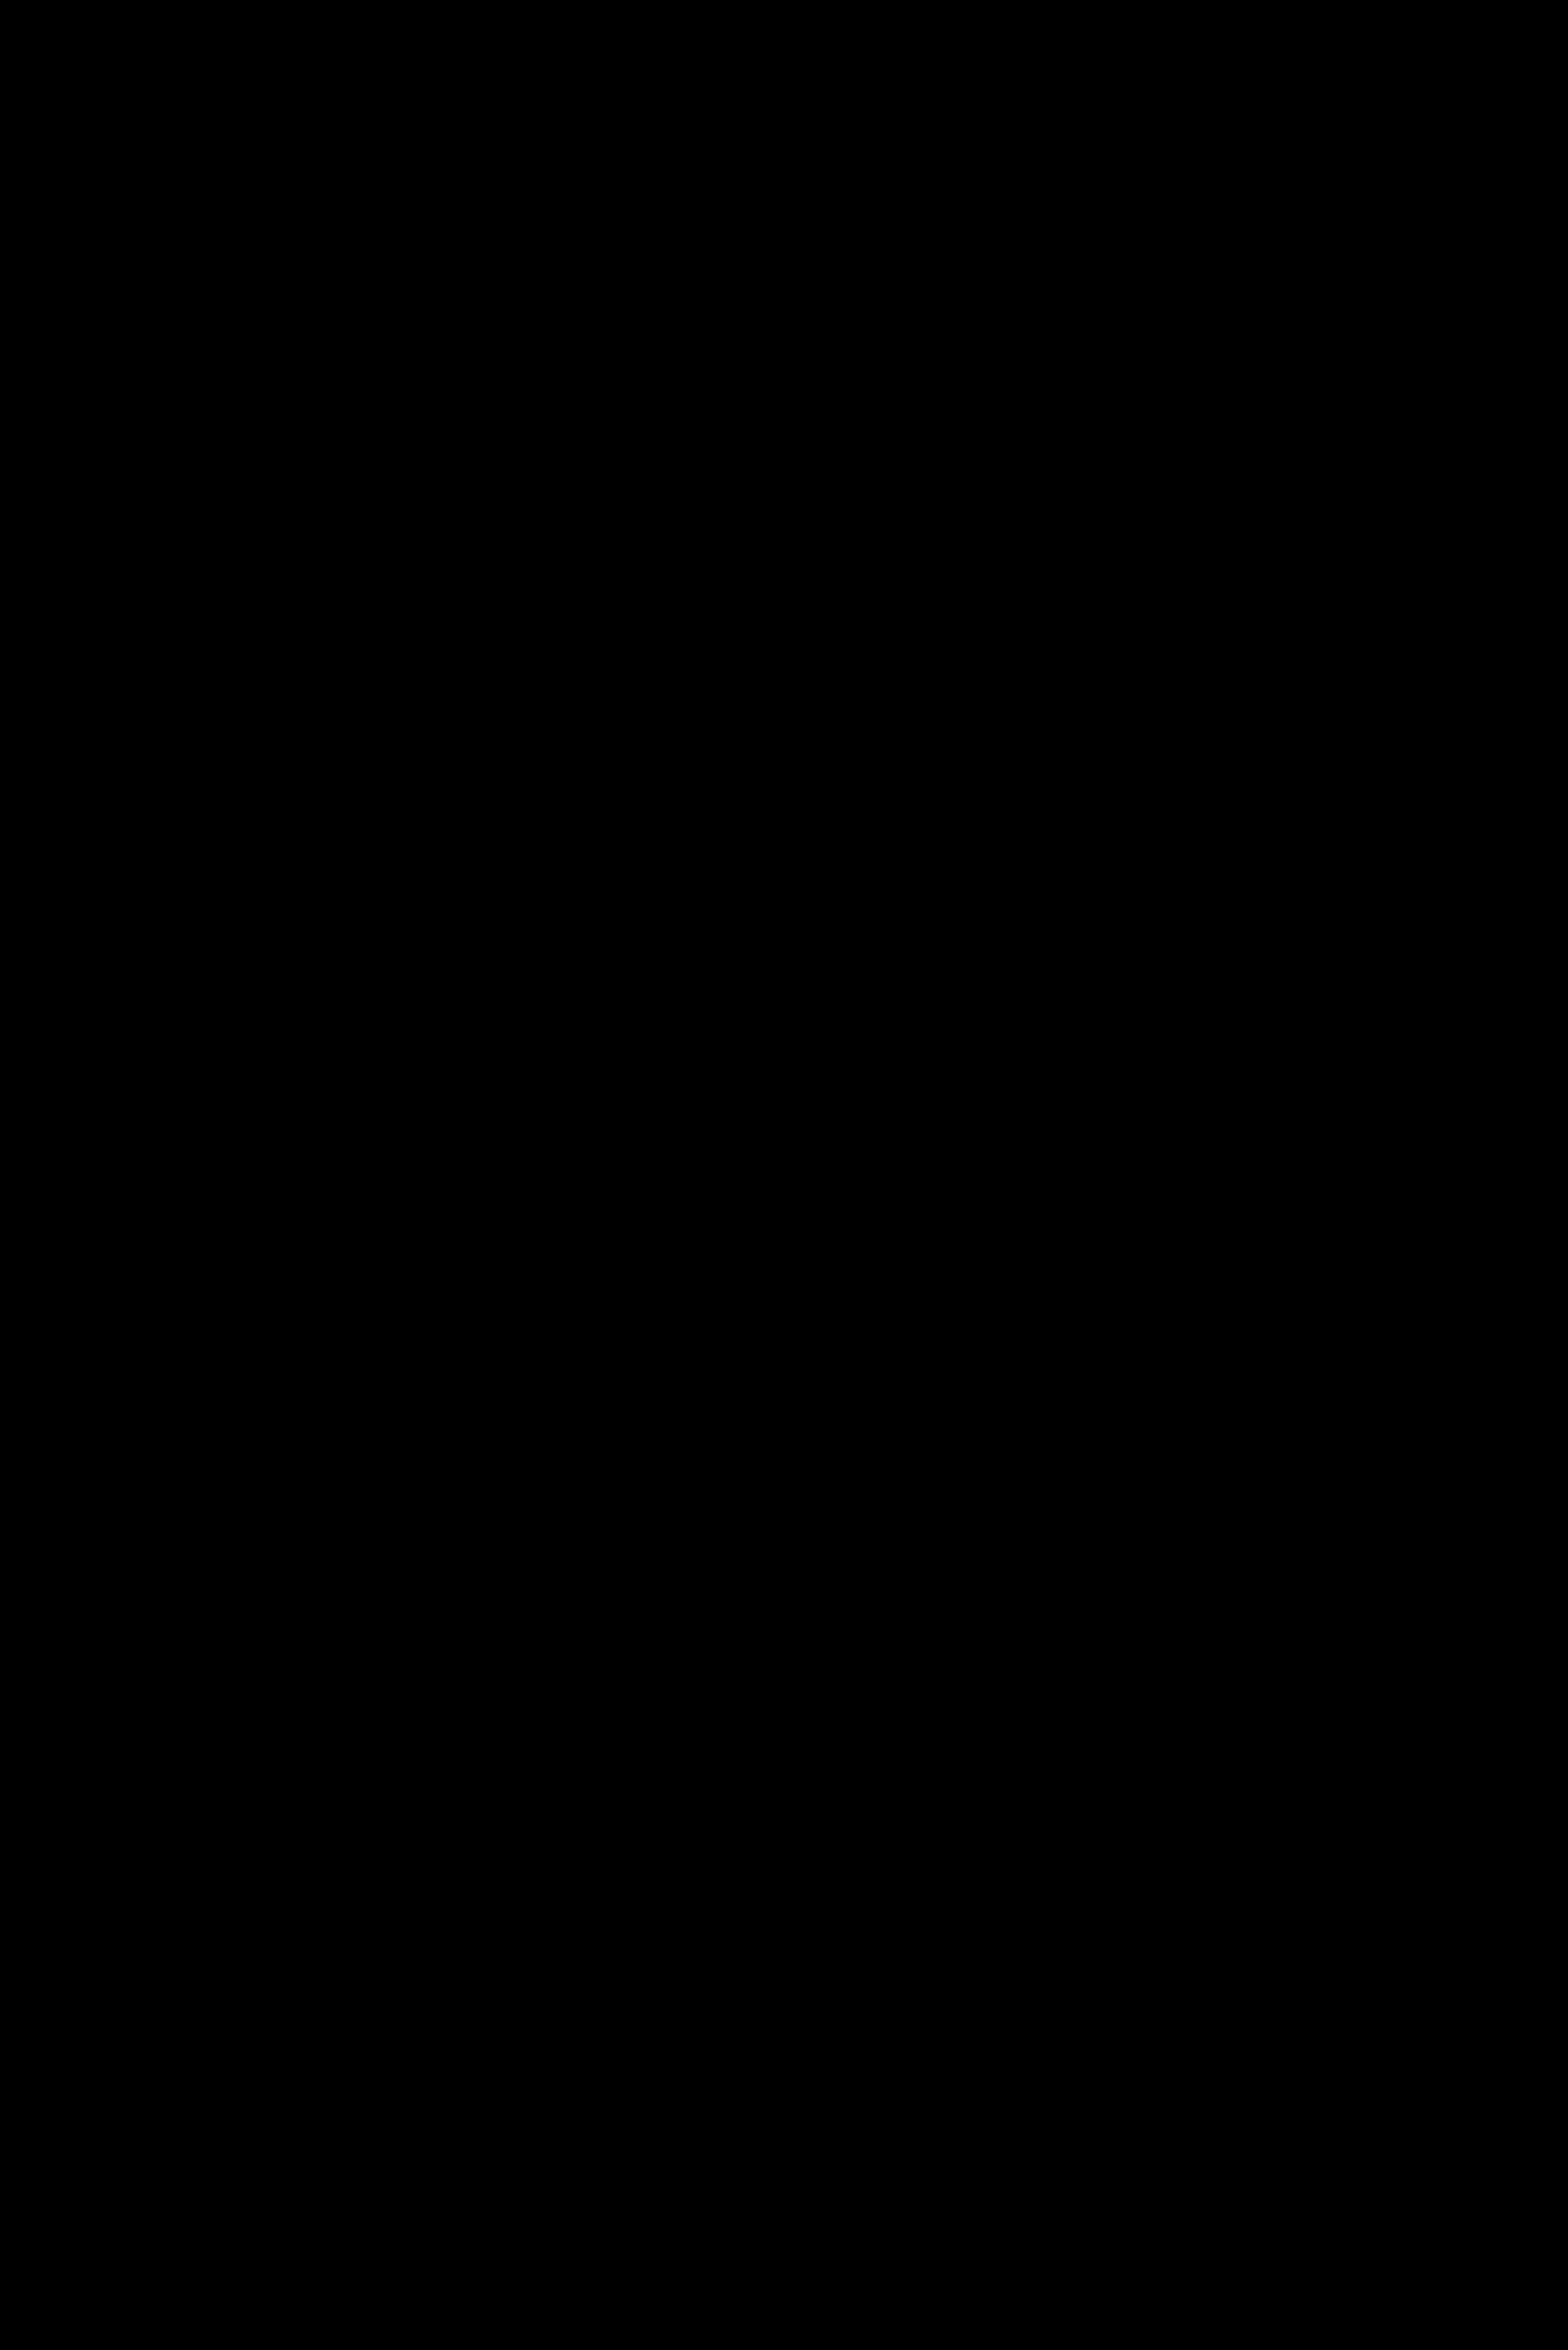 GÖTTI